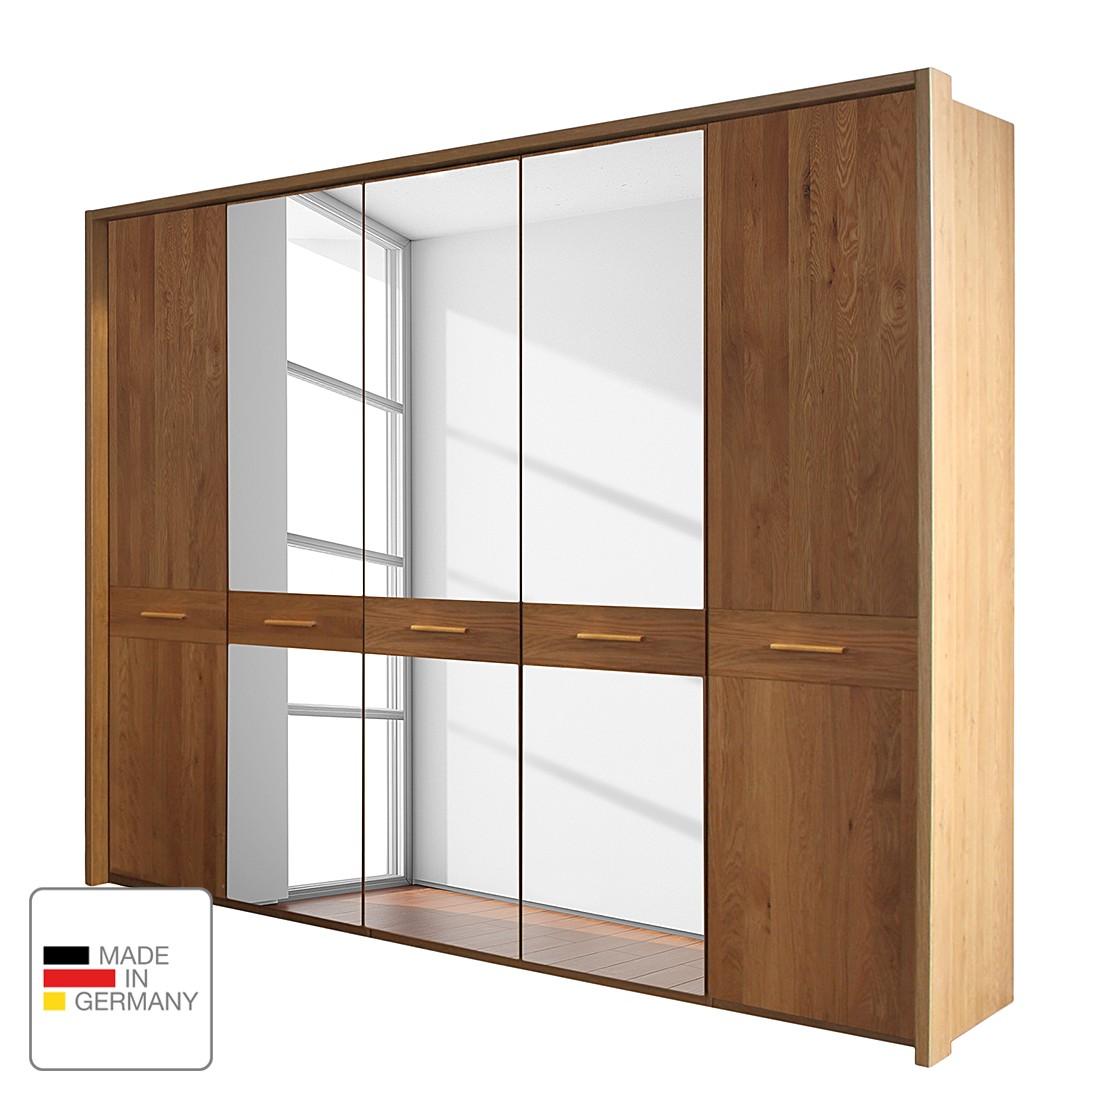 goedkoop Draaideurkast Faro gelakt deels massief eikenhout 250cm 5 deurs 3 spiegeldeuren Met Passe partout lijst Wiemann